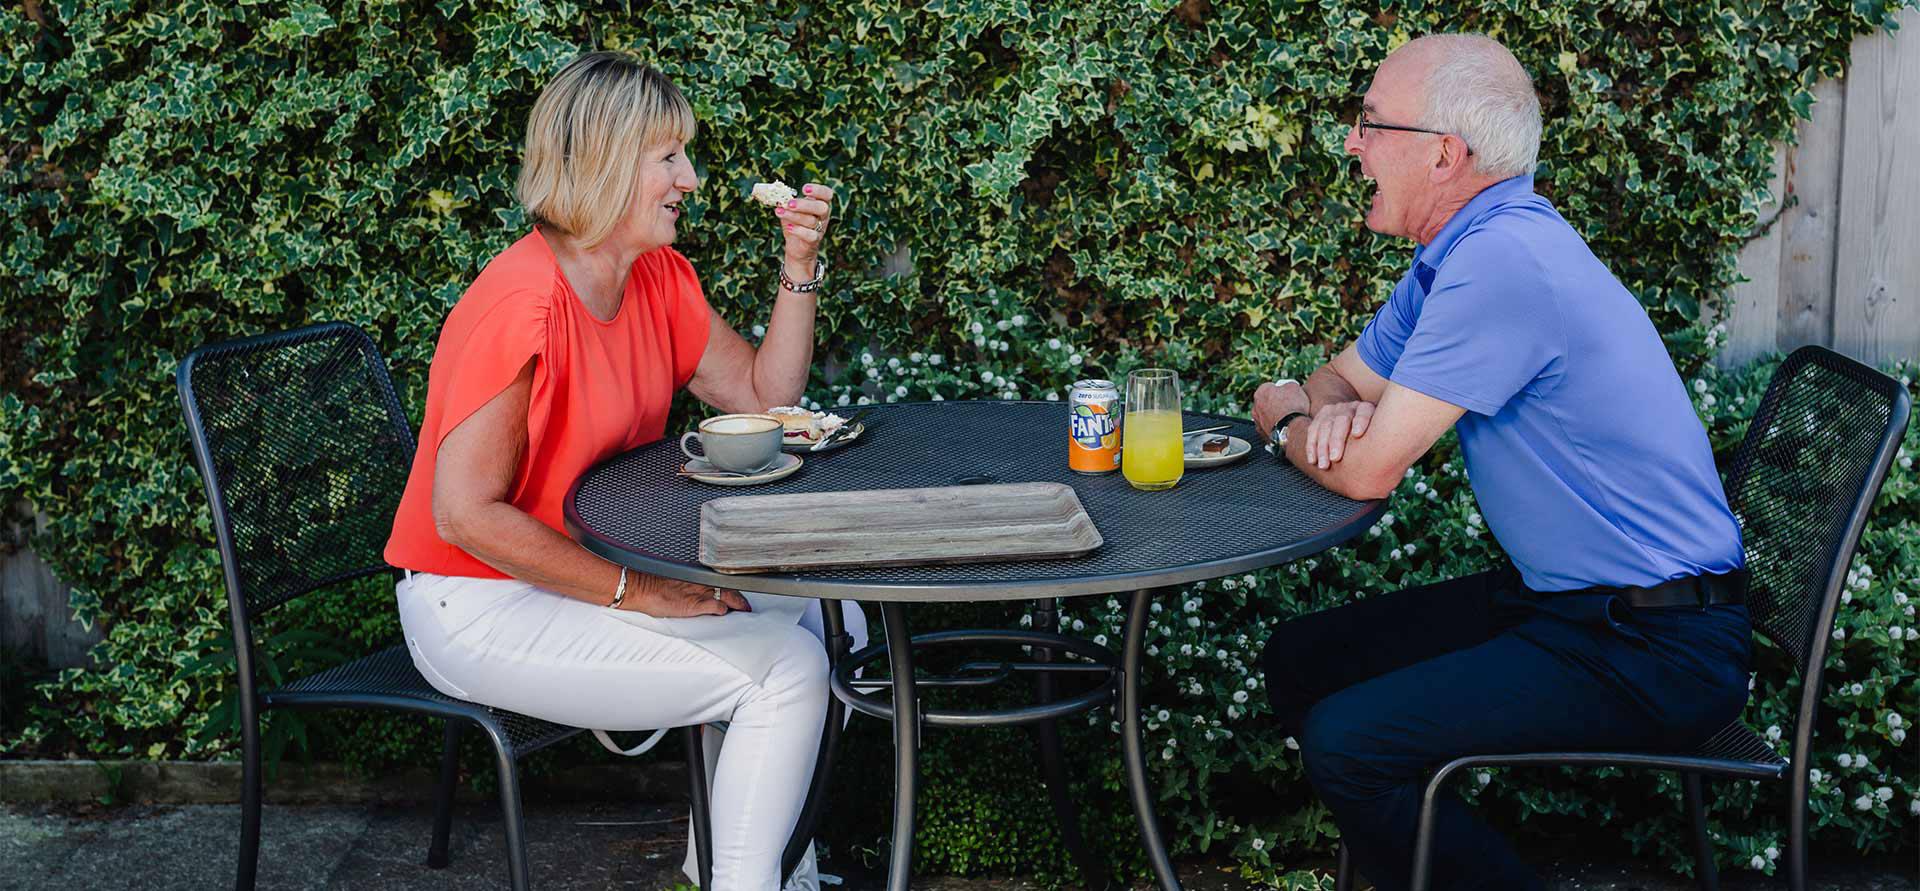 restaurant-outdoor-dining-header.jpg